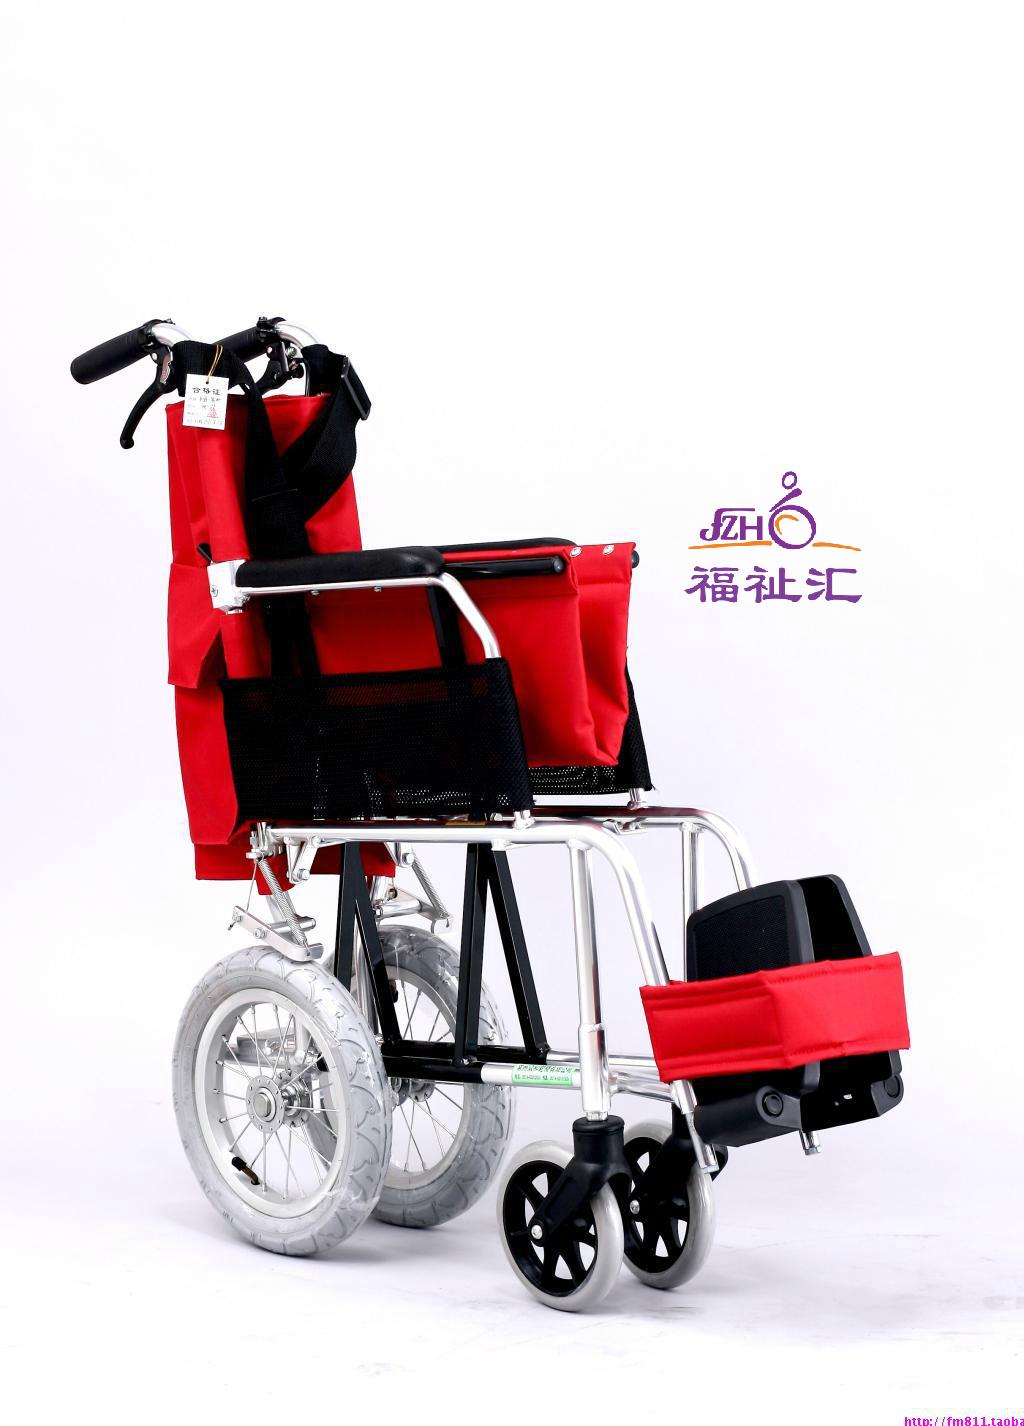 众合 JS-81S铝合金轮椅车   老年人折叠轮椅 便携 超轻8.3公斤(图2)